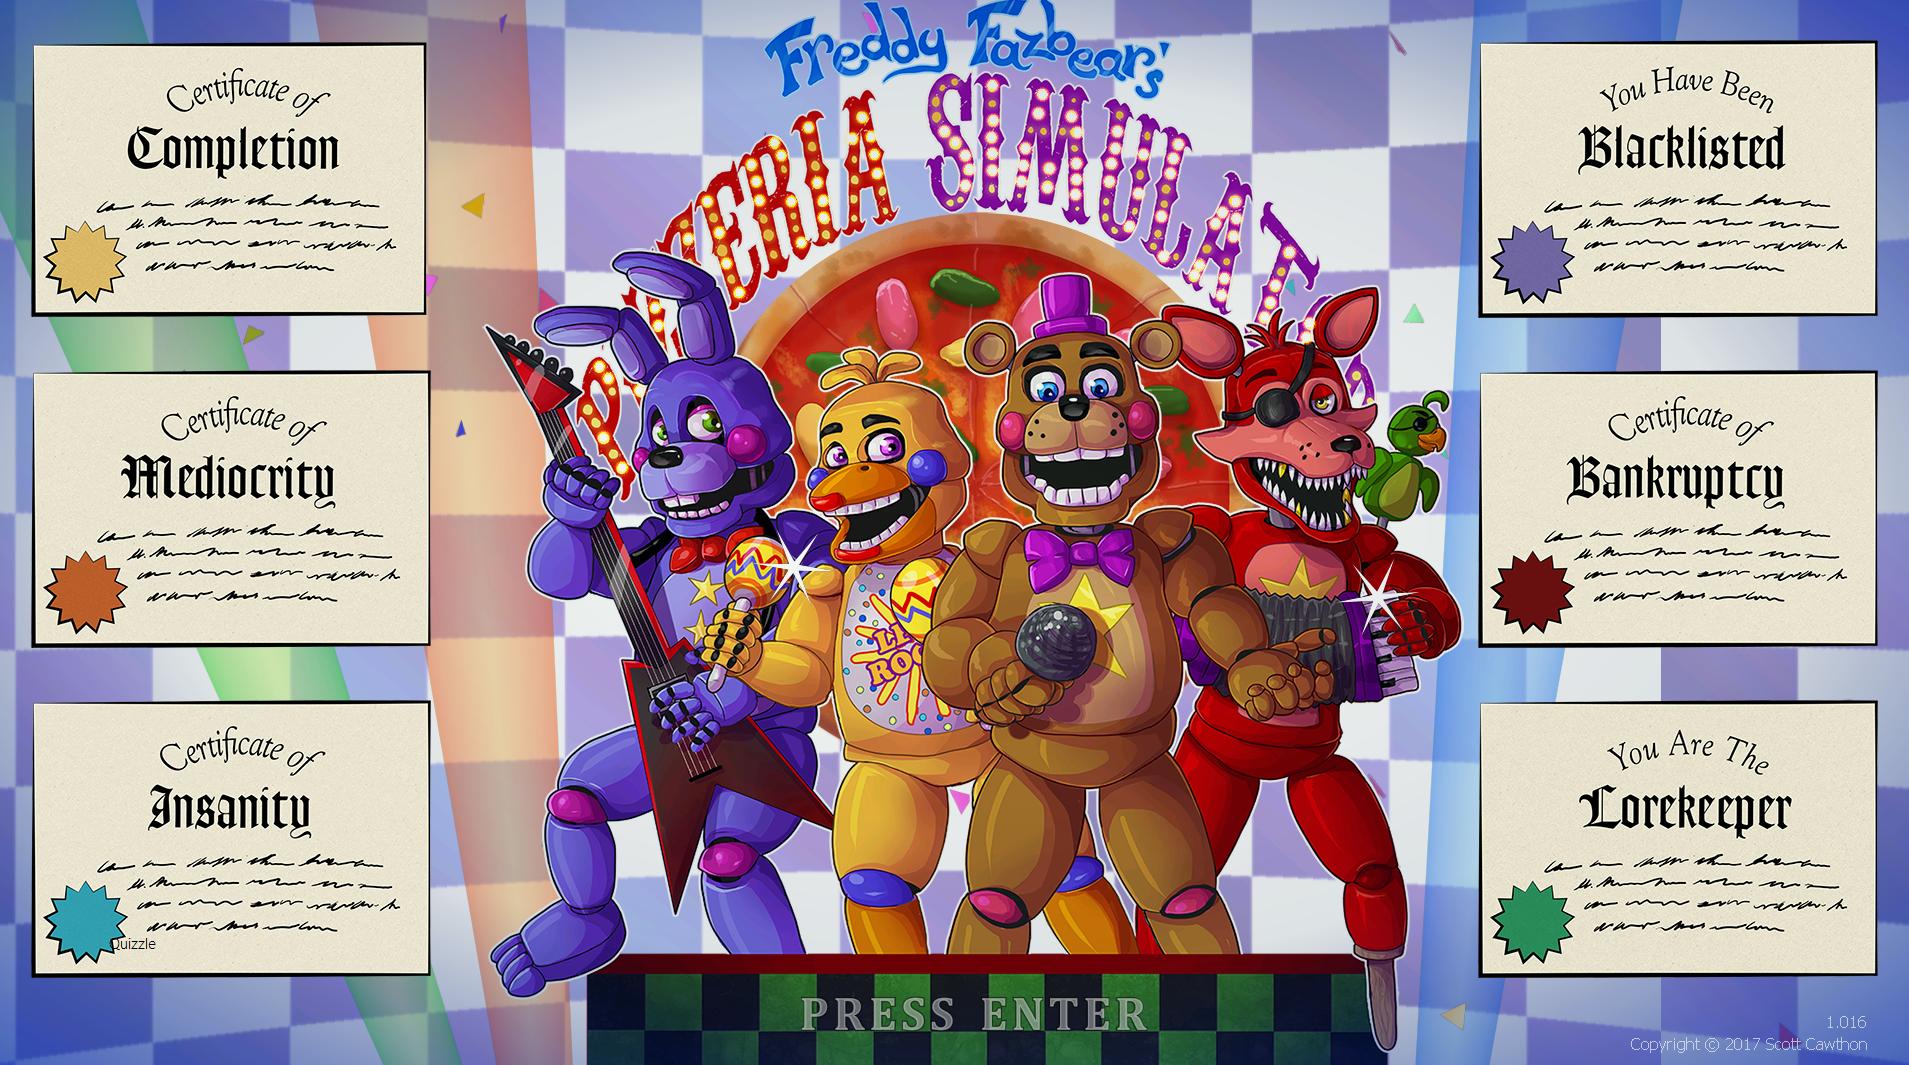 Rockstar Bonnie Freddy Fazbears Pizzeria Simulator Wiki